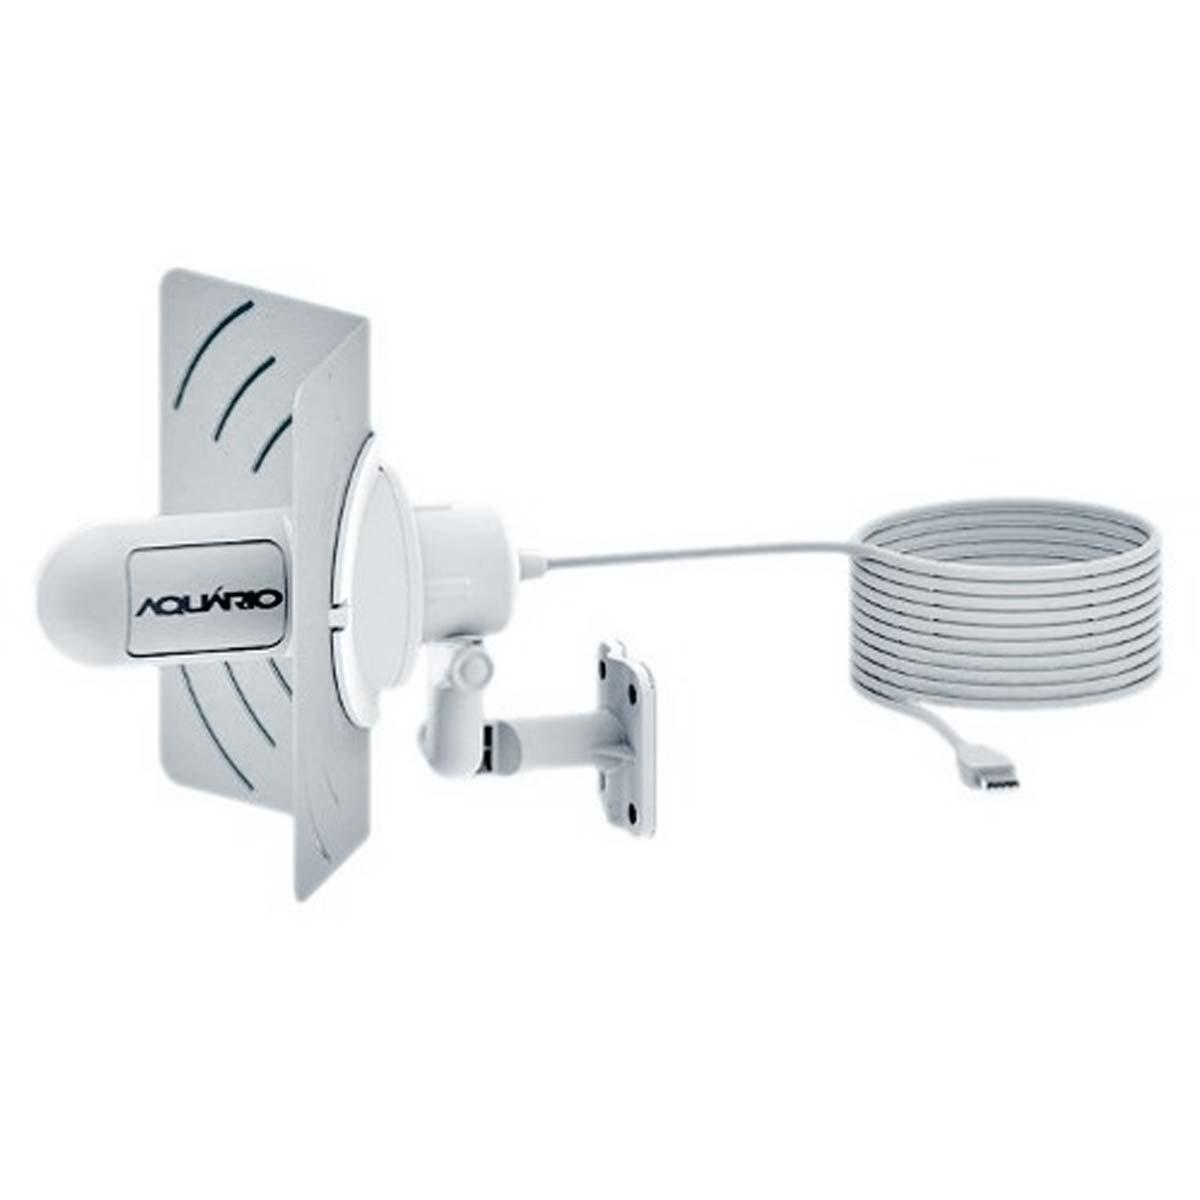 MD2000 - Amplificador de Sinal 3G/4G MD 2000 Aquário